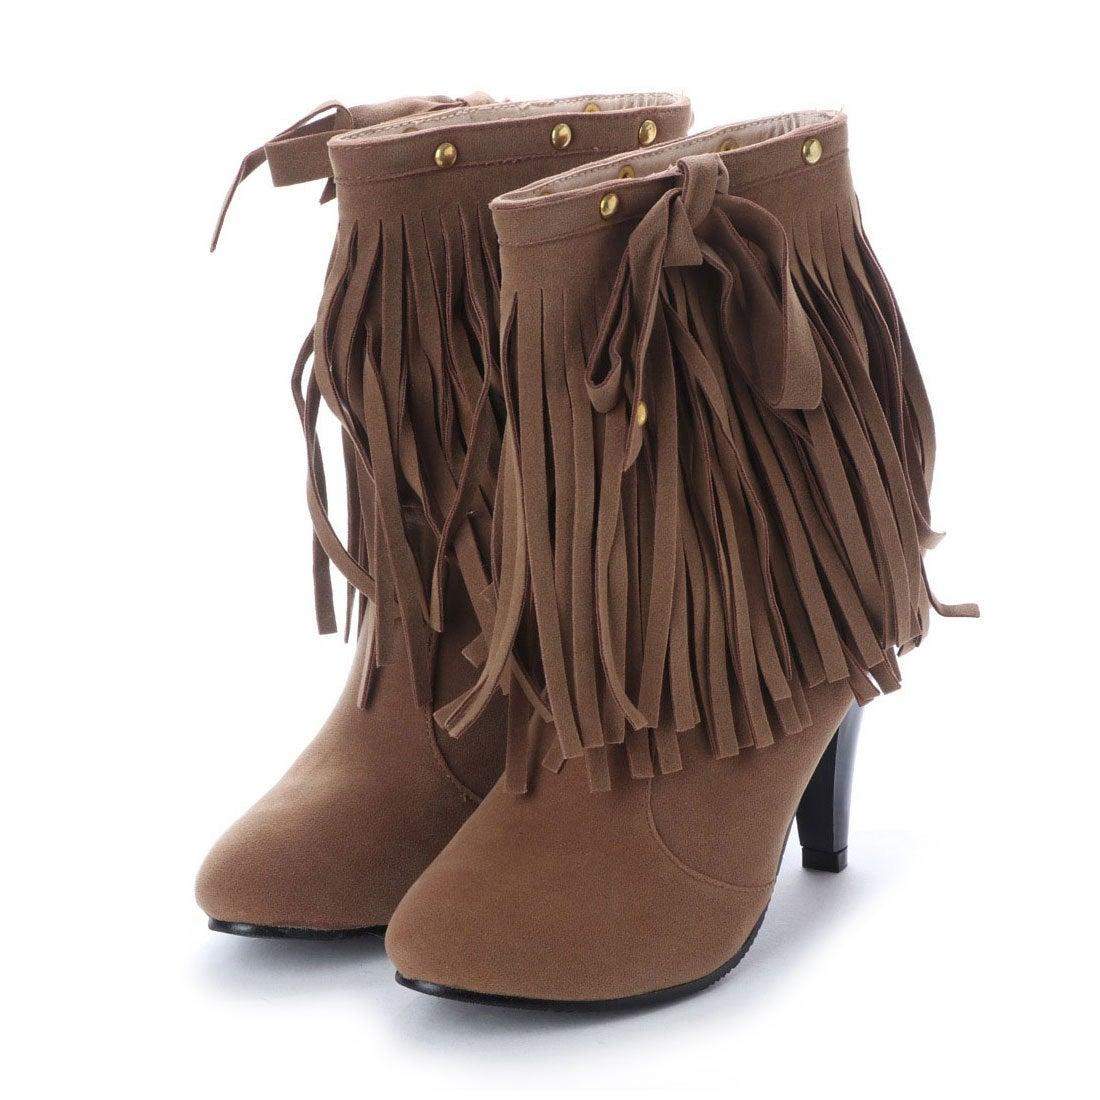 ロコンド 靴とファッションの通販サイトスタイルブロック STYLEBLOCK ウエスタンフリンジショートブーツ (ブラウン)